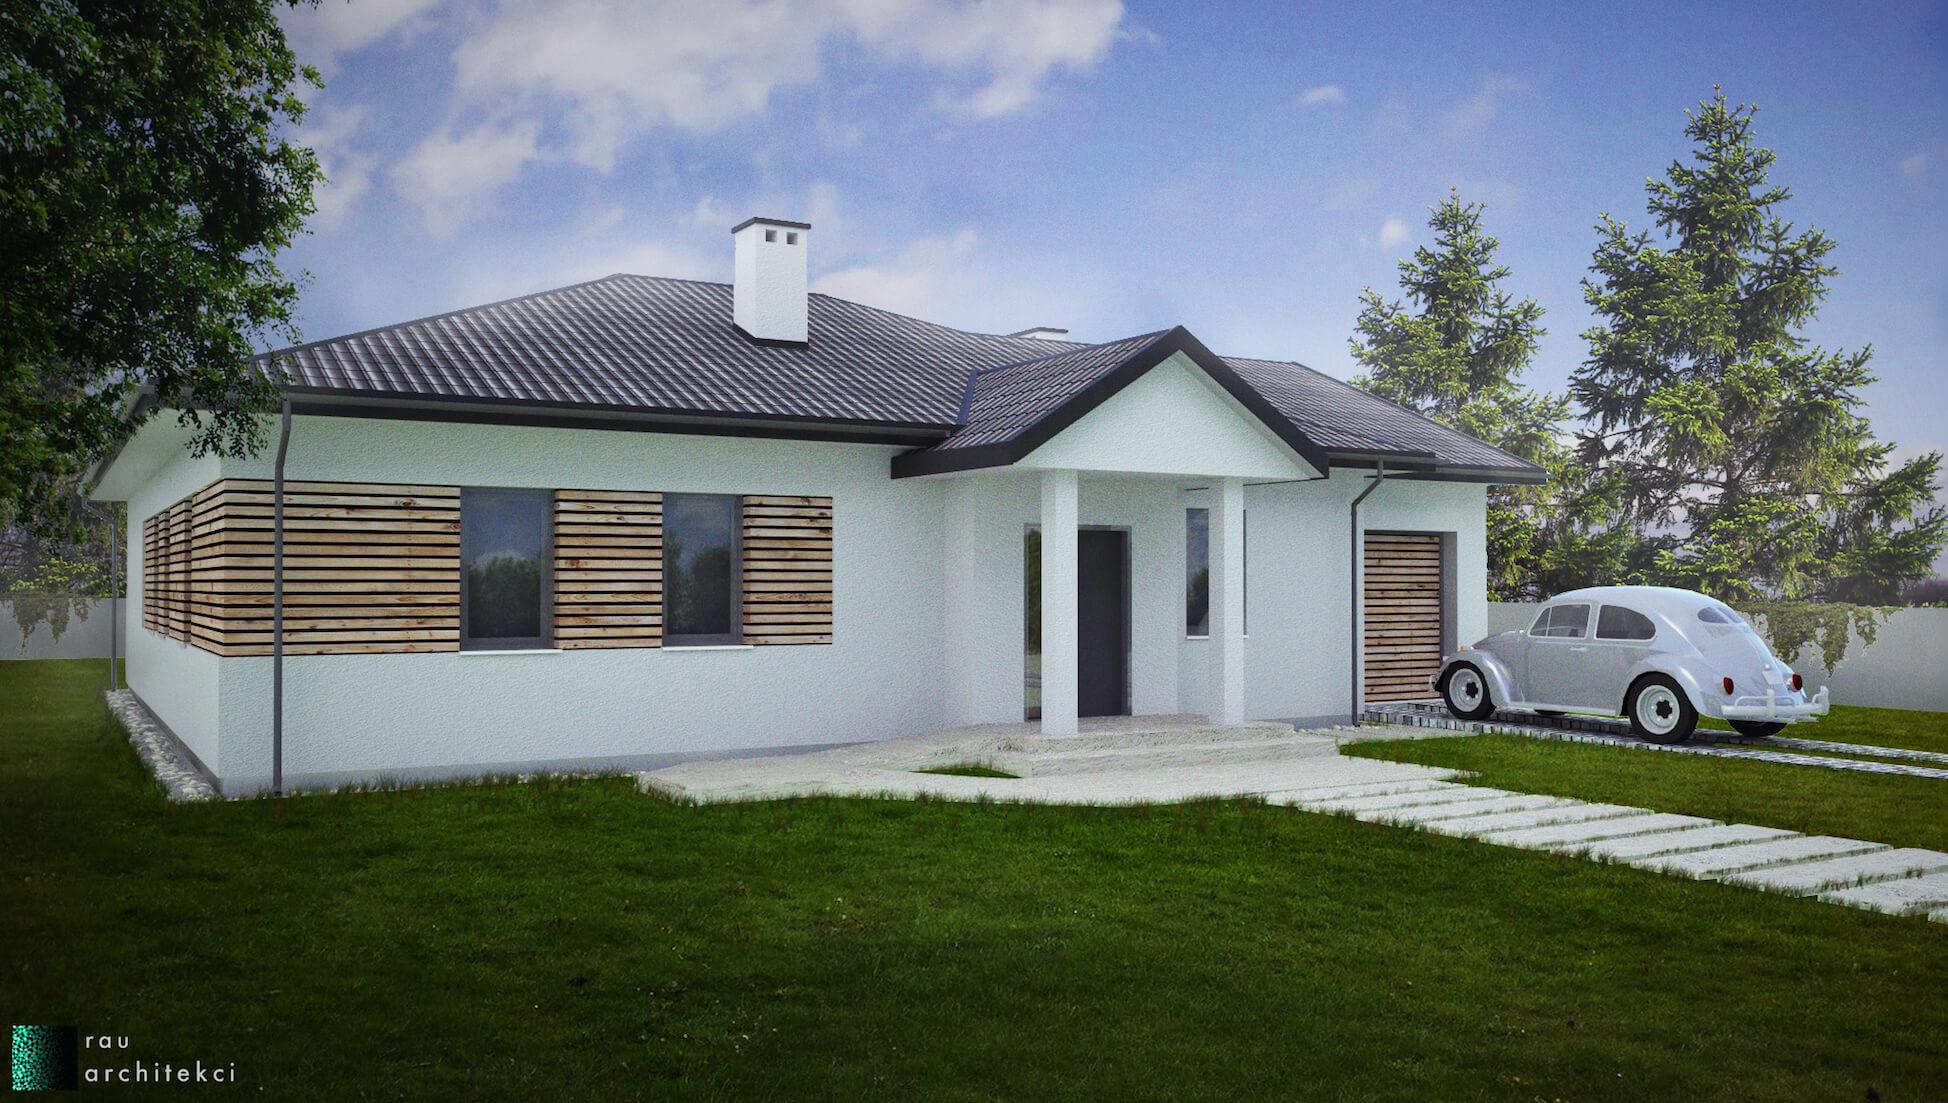 Dom Jednorodzinny Rau Architekci Łódź